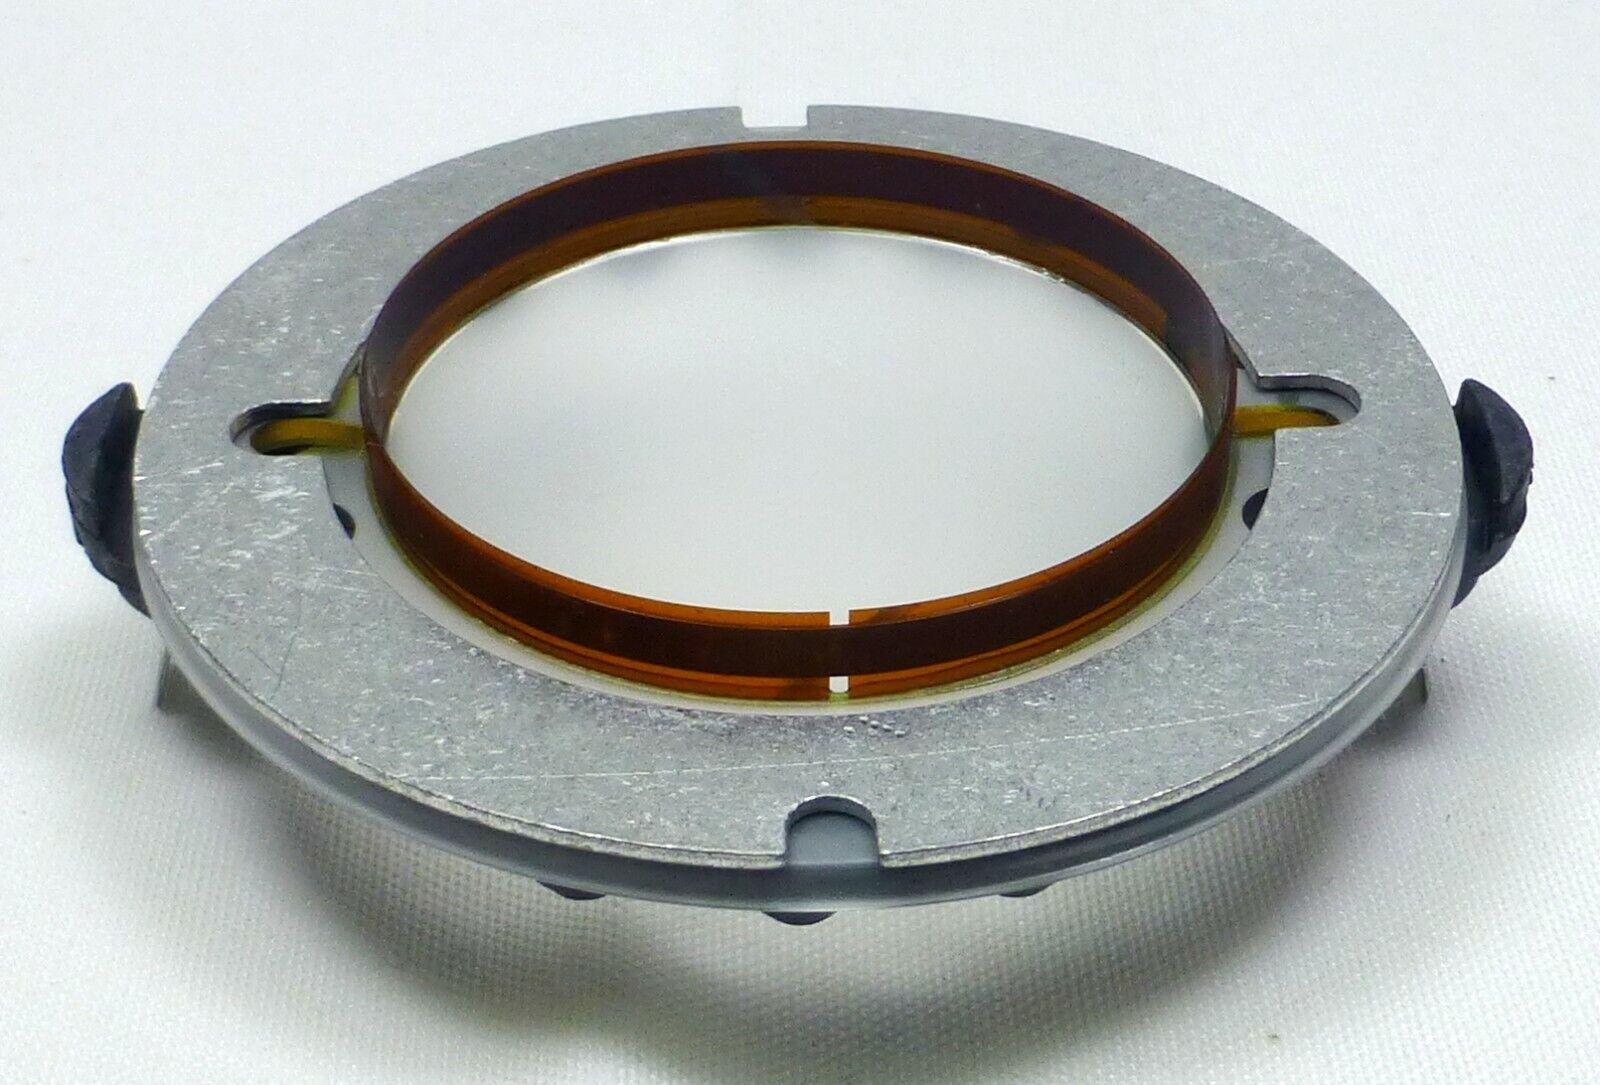 LX series #17C diaphragm for B52,Comp 4 CLB Comp 4CLS//B,Matrix 2000,SL